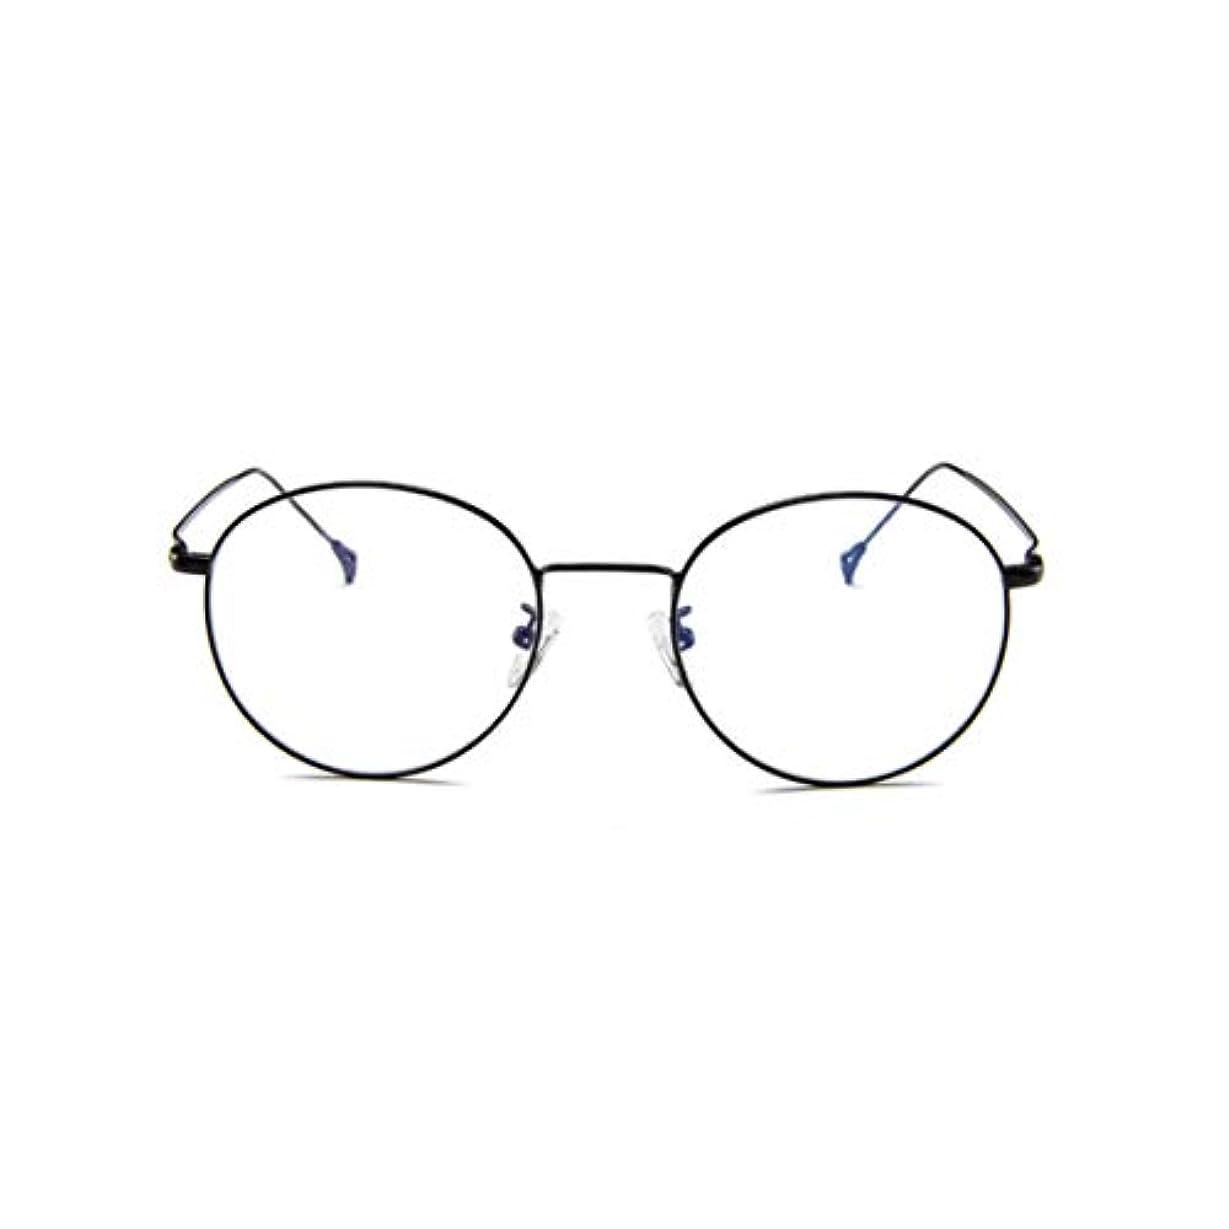 放牧する請求可能砂利韓国のメガネフレームの男性と女性のレトロフラットメガネメタルトレンディメガネファッション近視メガネフレーム-ブラック